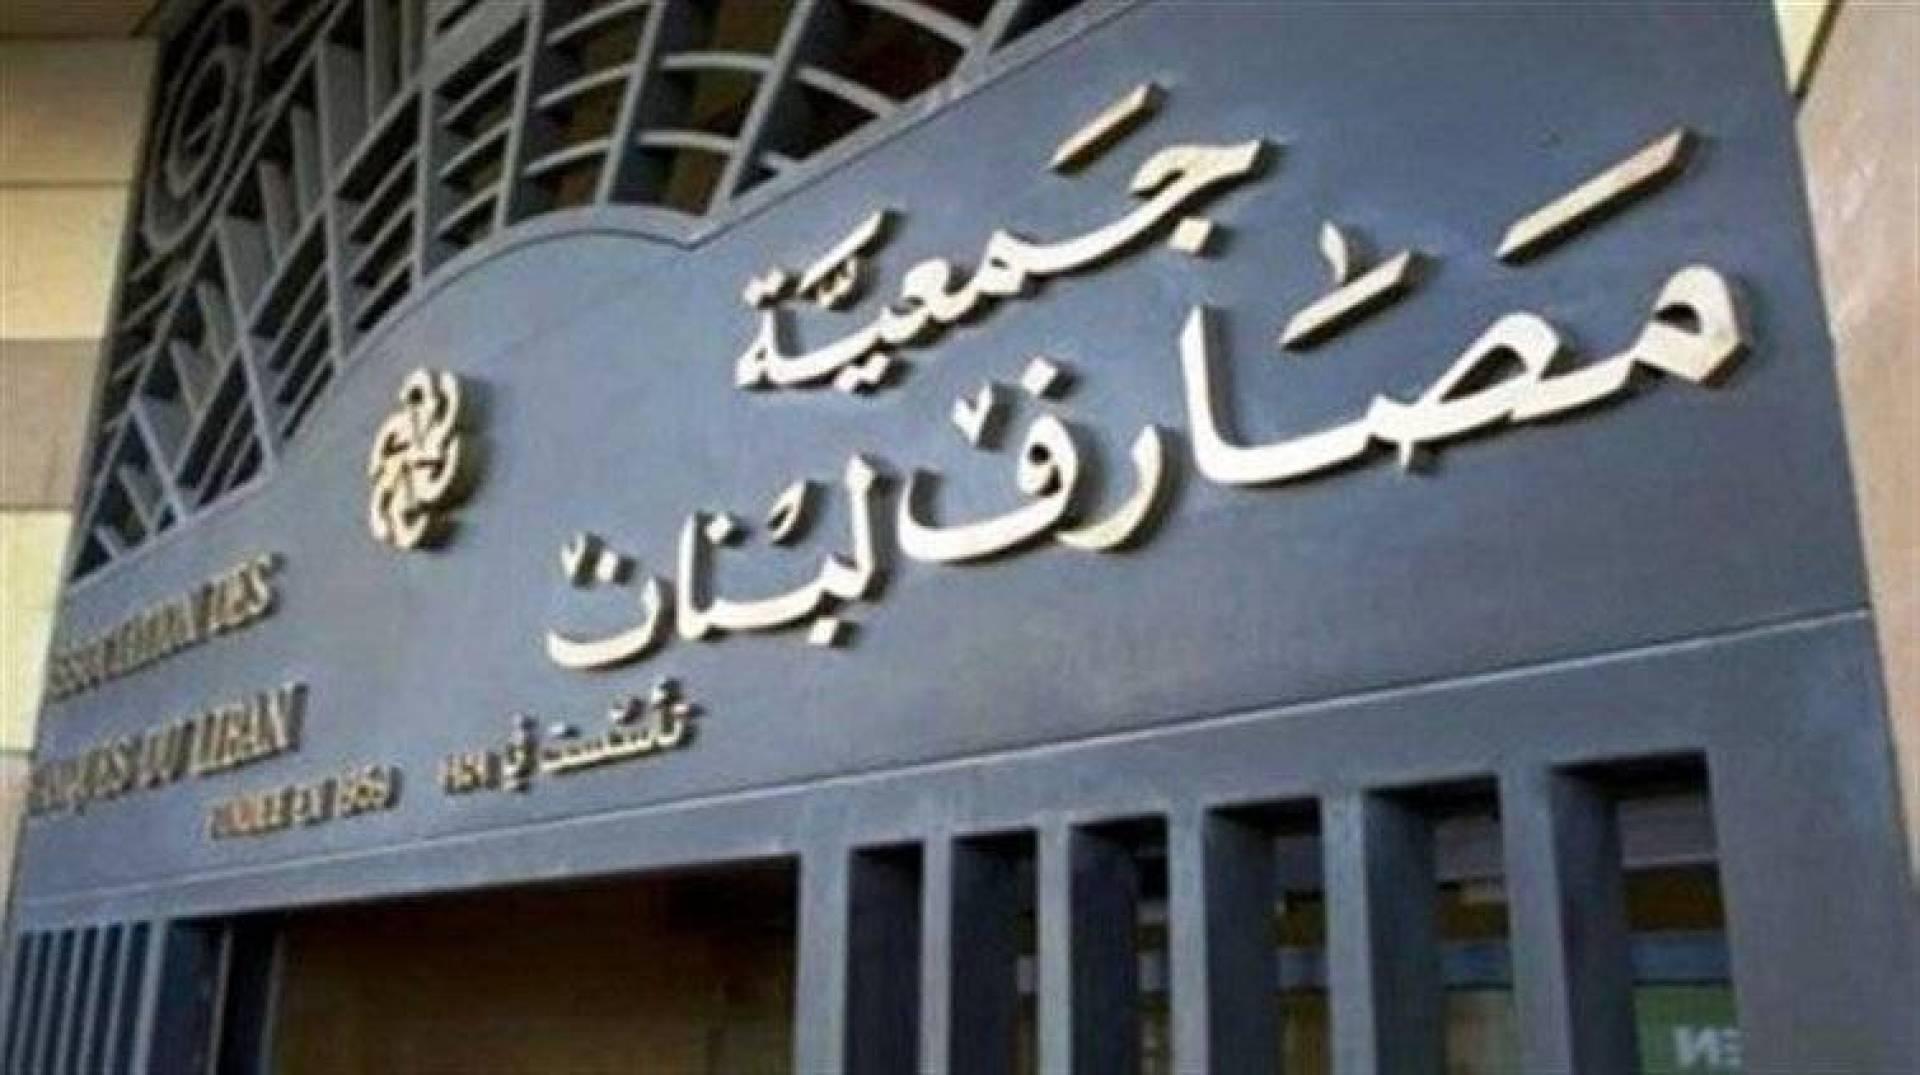 القطاع المصرفى اللبنانى يؤكد أن وضع سقوف لسحب الأموال يستهدف مكافحة التضخم